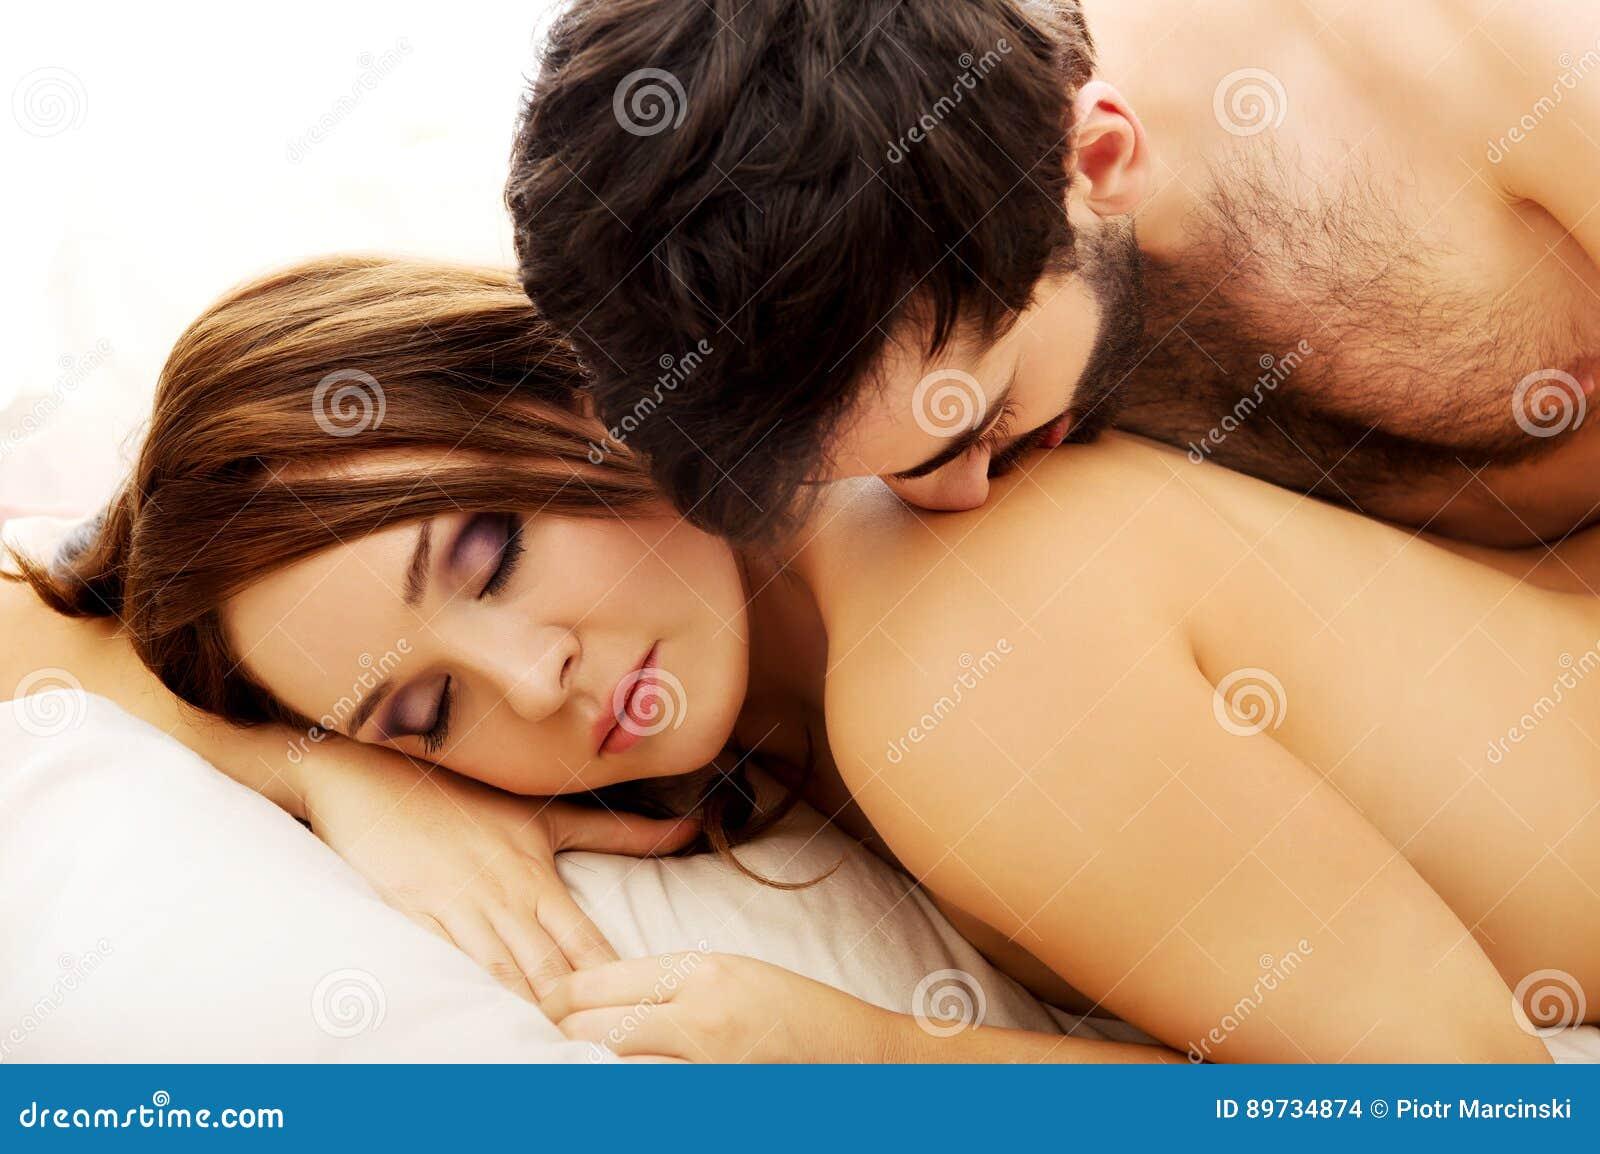 Amour Au Lit Photos jeunes couples d'amour dans le lit photo stock - image du matin